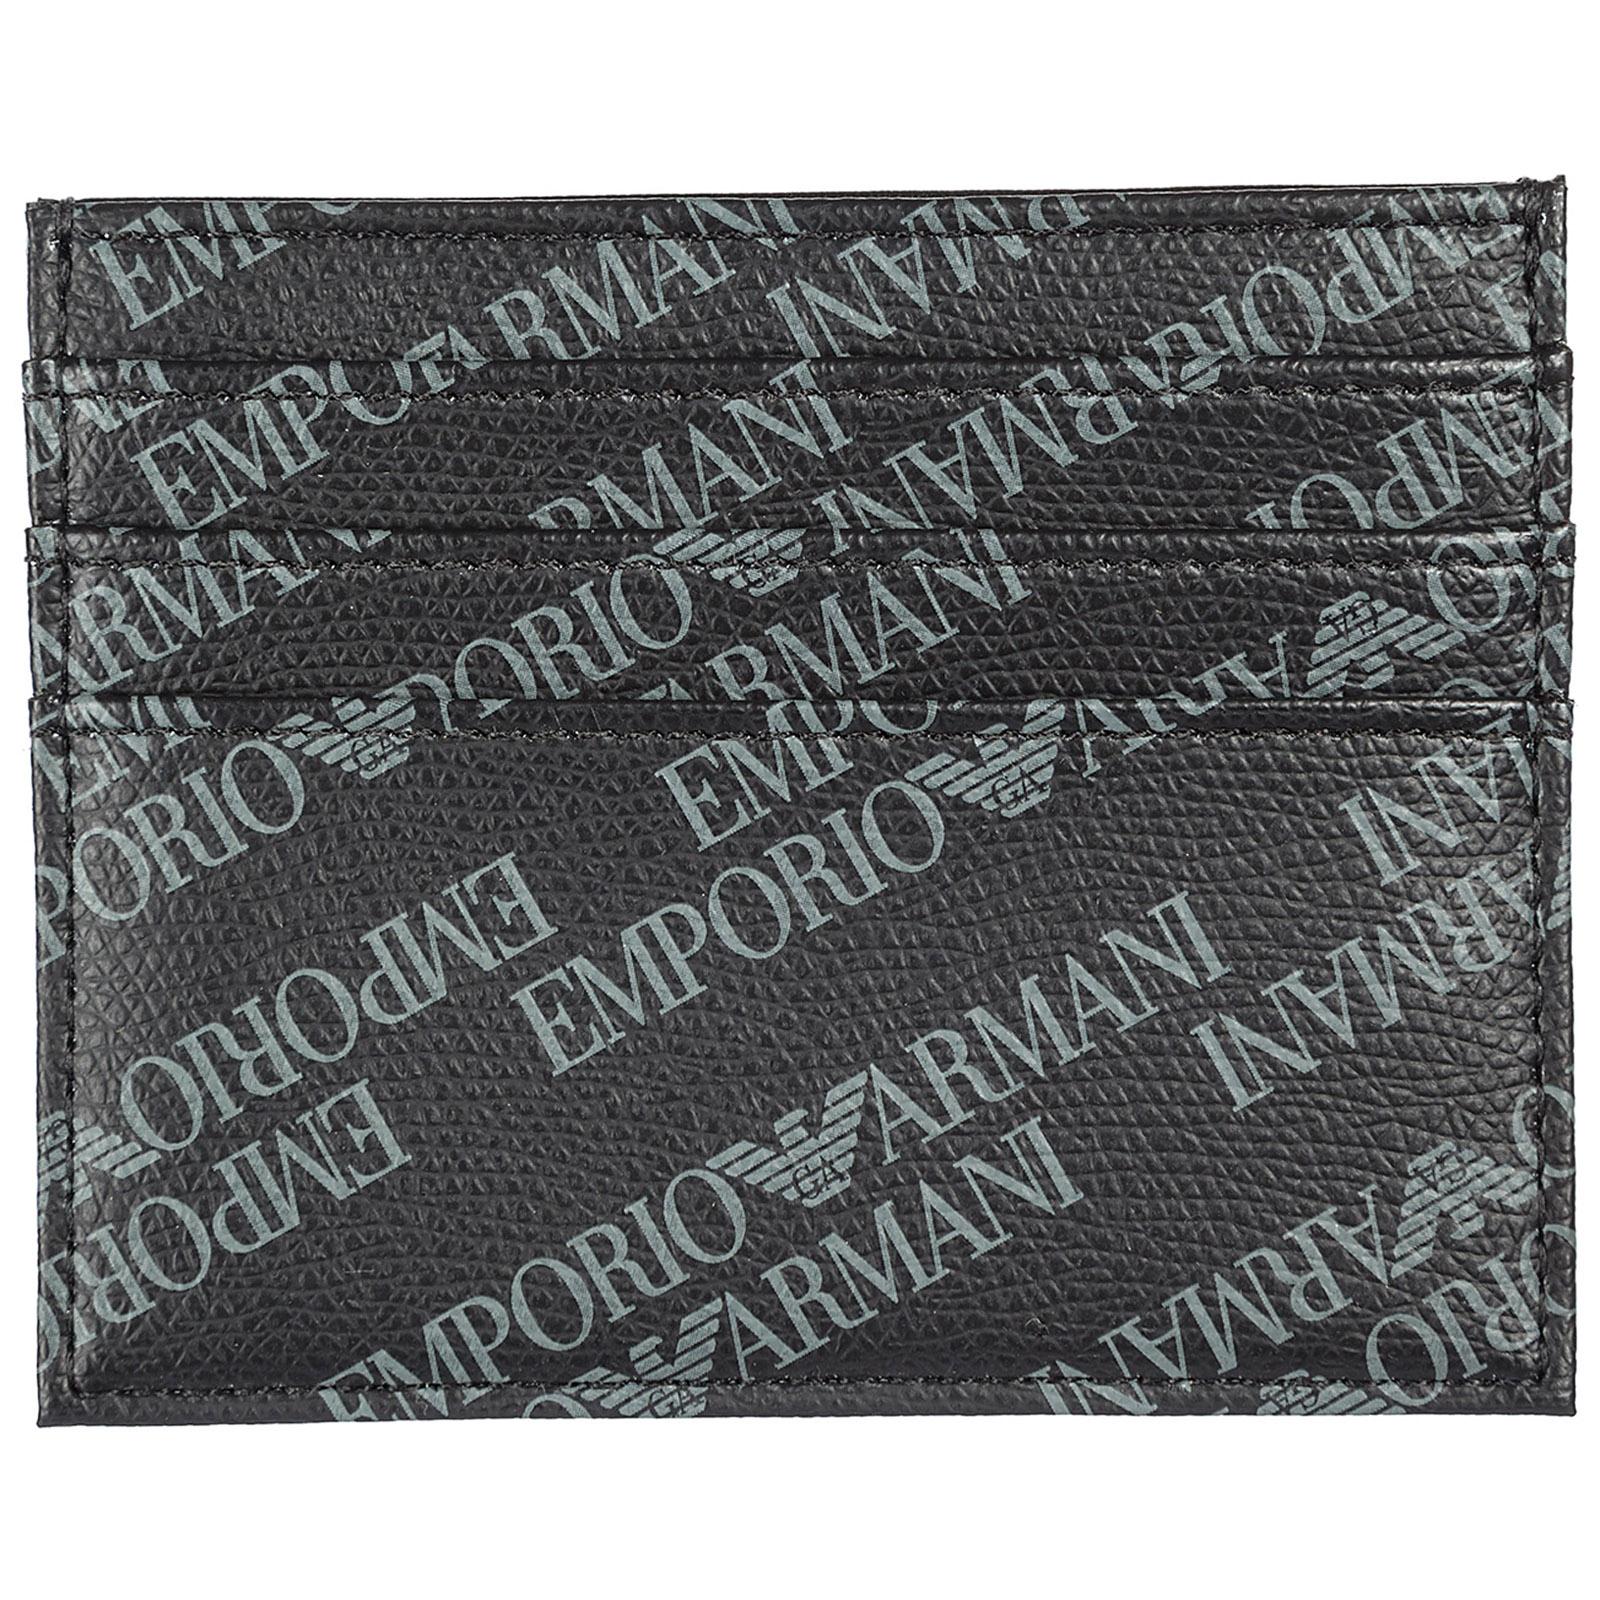 63c08388abcd Porta carte di credito Emporio Armani Y4R173YLO7E86526 nero   FRMODA.com